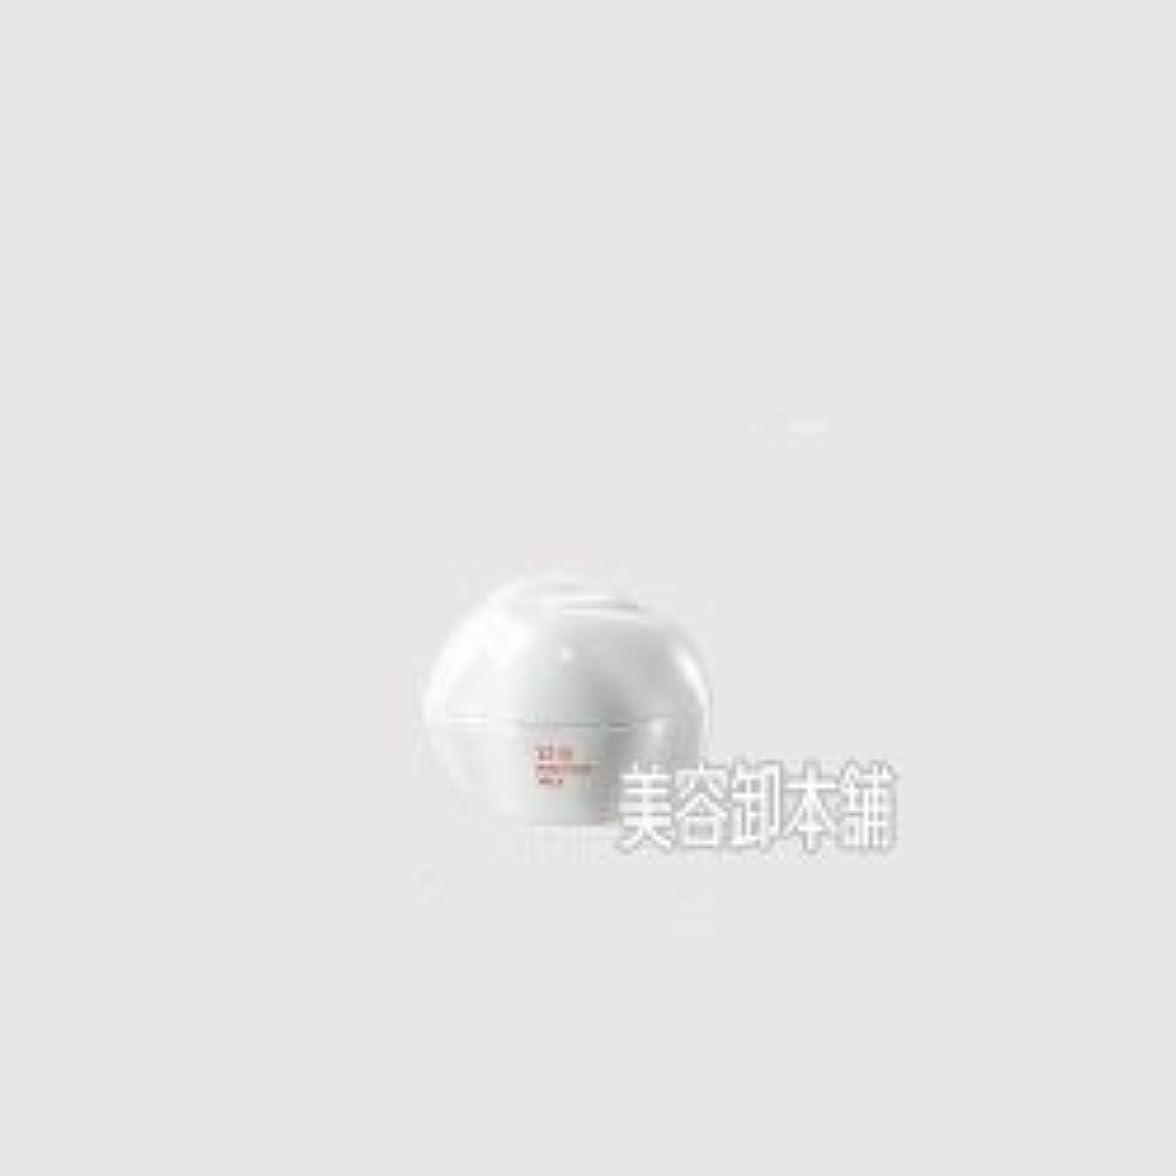 リンク検索エンジンマーケティング毒性ホーユー 3210 ミニーレ ニュートラルワックス 55g